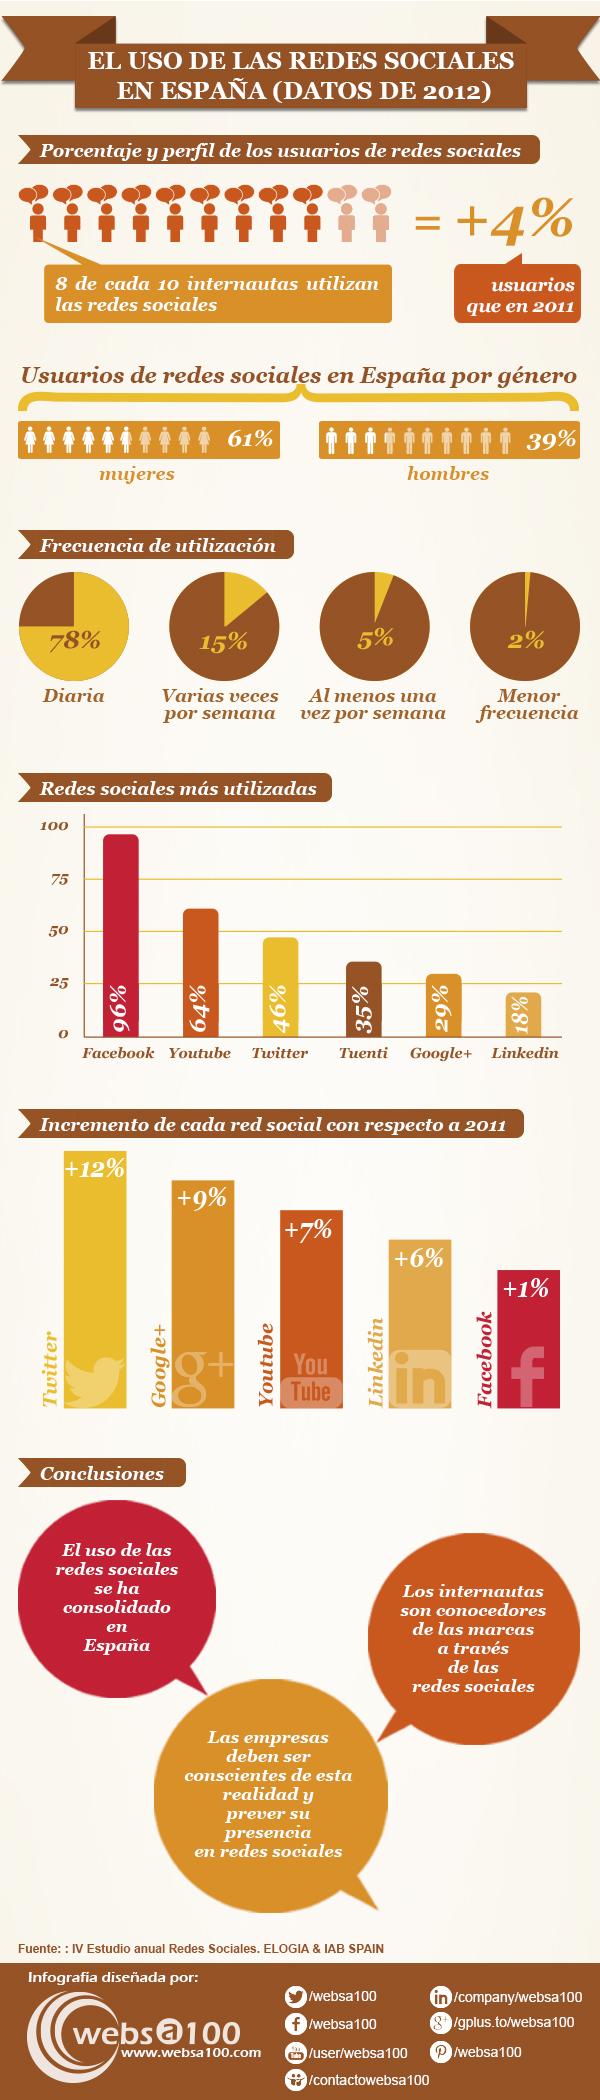 las Redes Sociales en España en el 2012